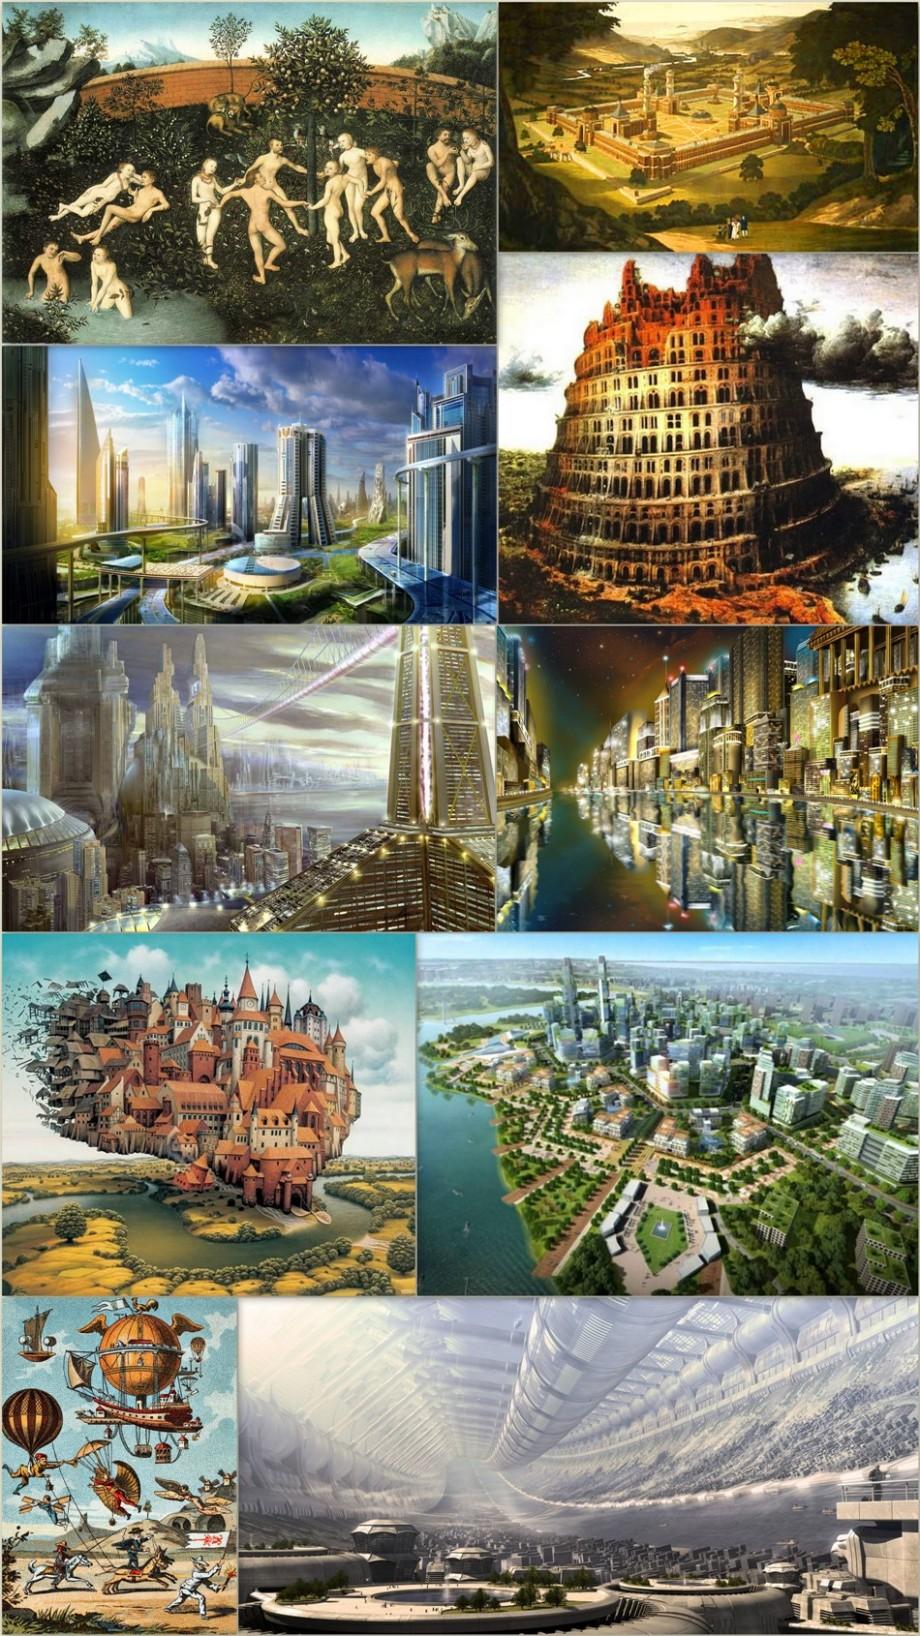 Issam Abuanza's utopian